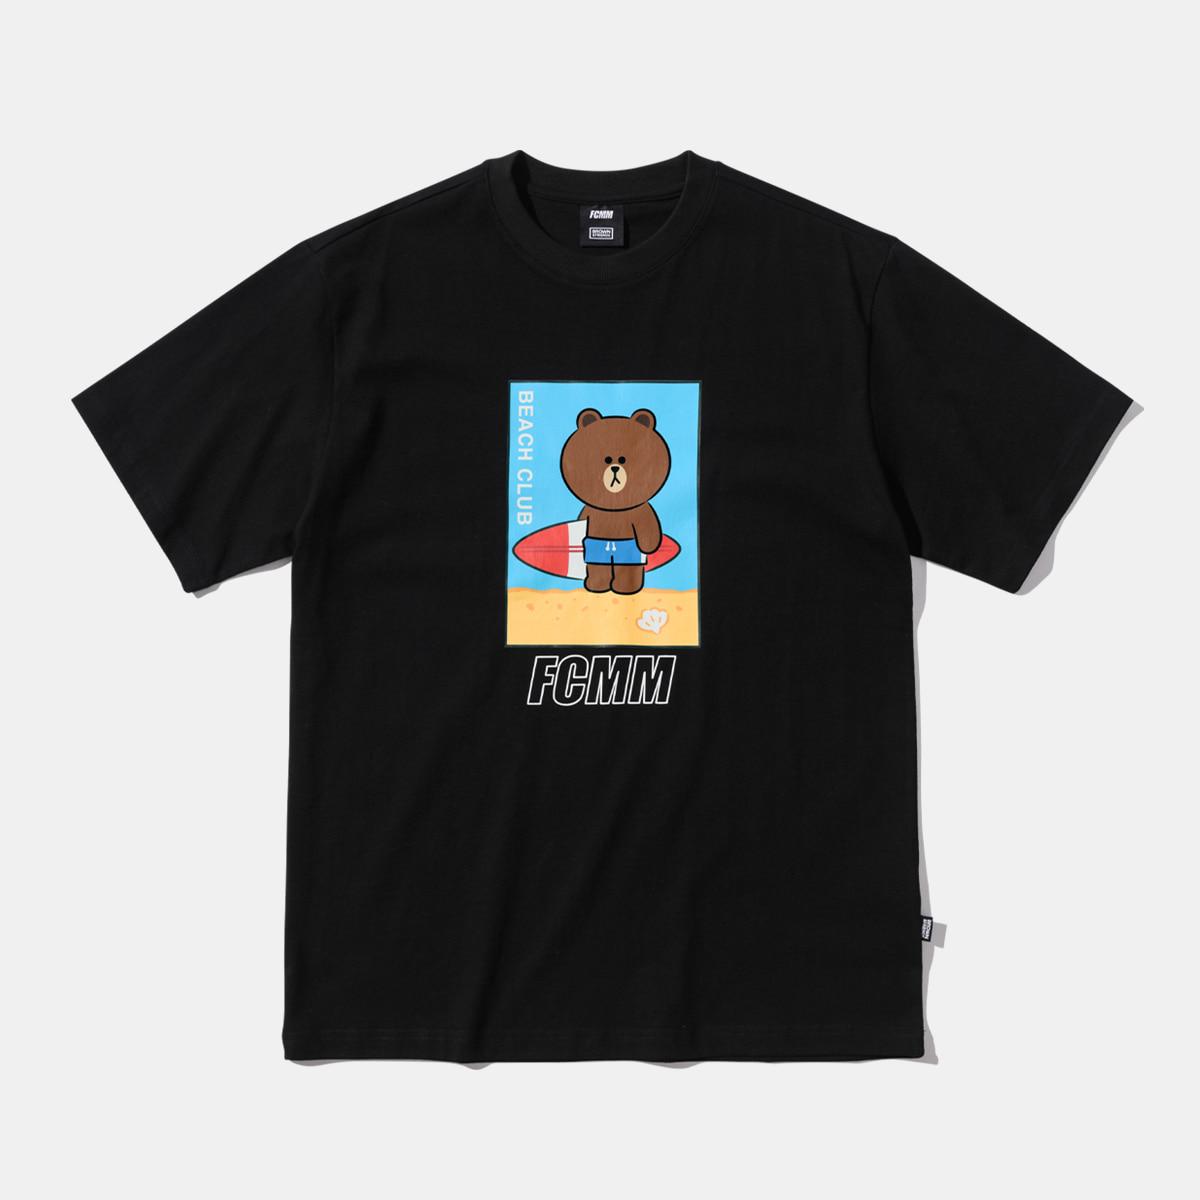 브라운앤프렌즈 서핑 티셔츠 - 블랙